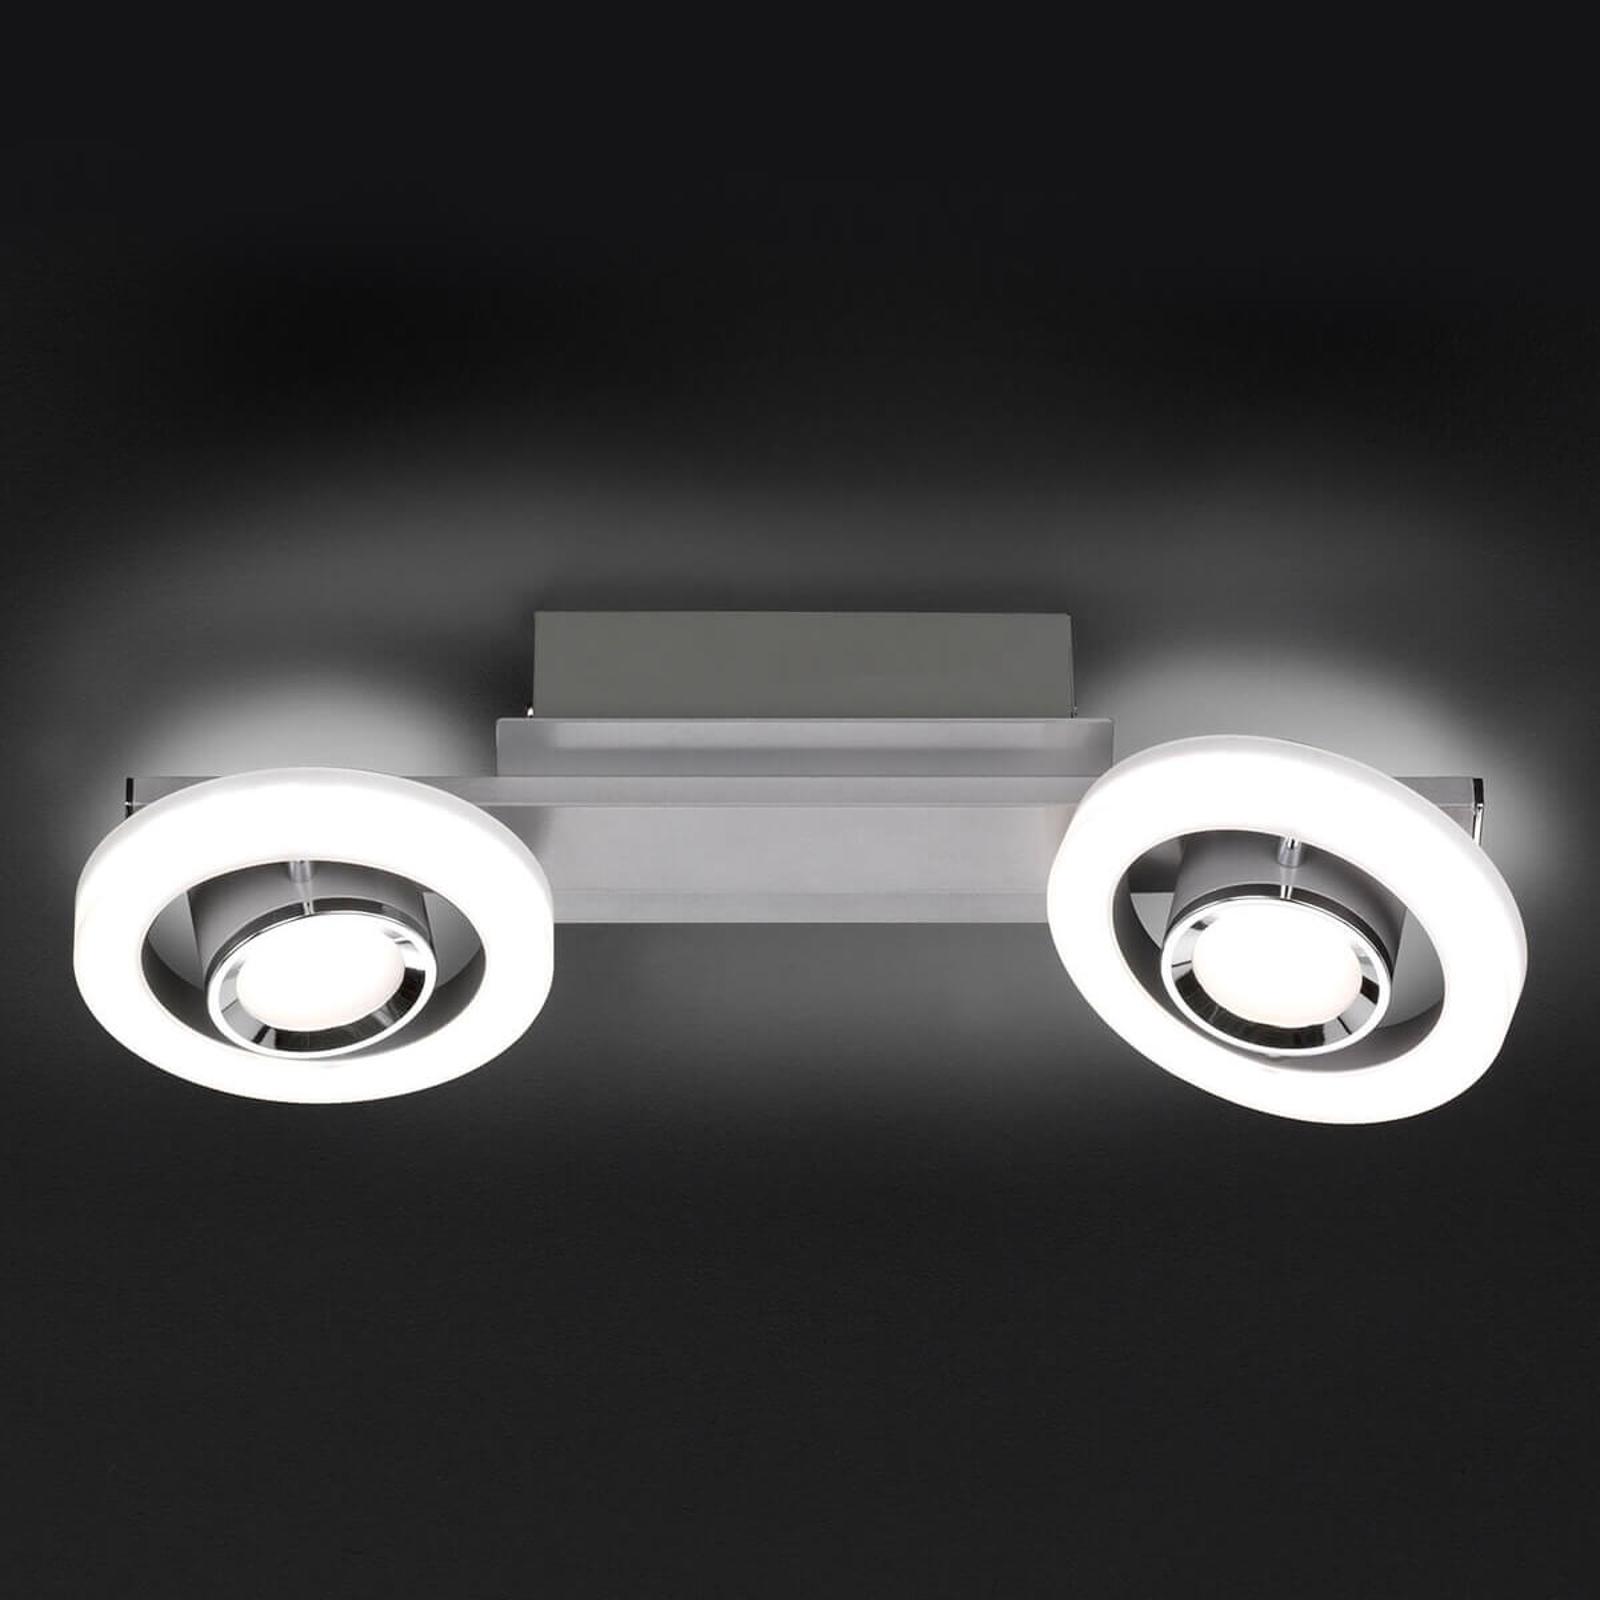 LED plafondlamp Detroit m. dimmer